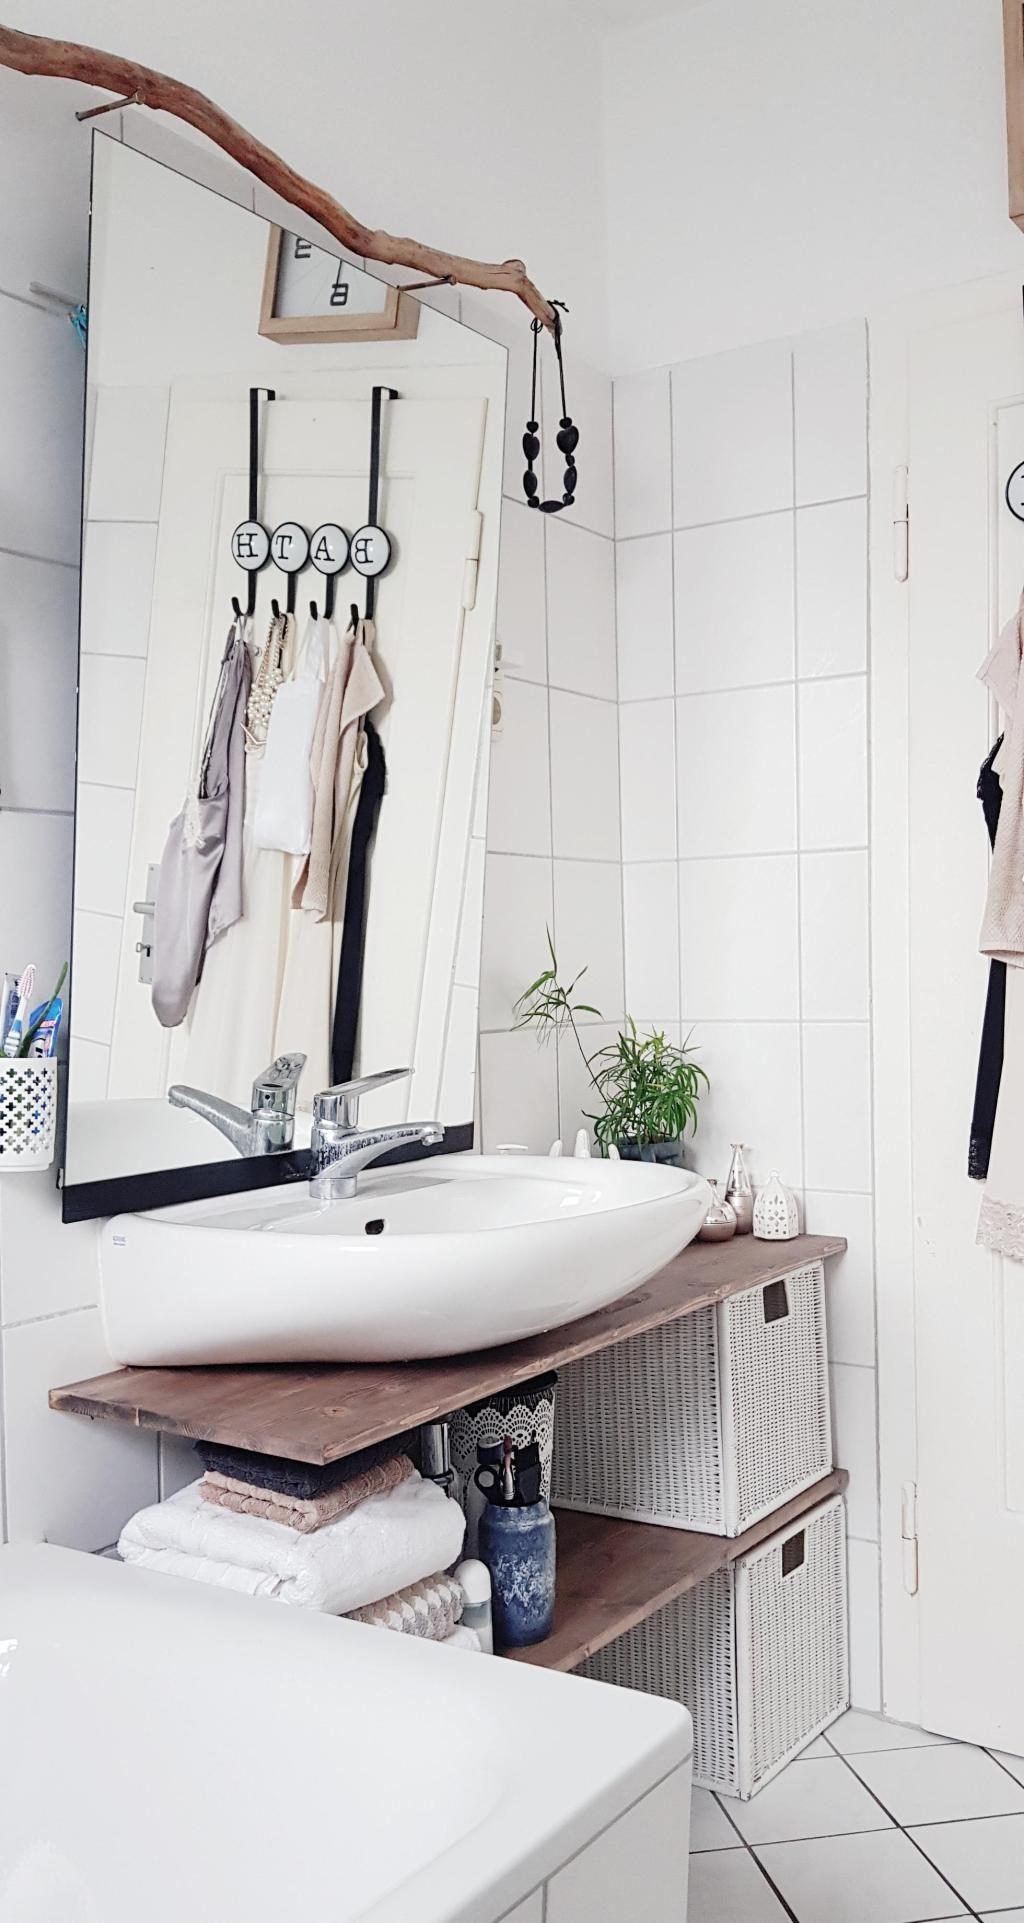 Badezimmer Seite 4 Bilder & Ideen Couchstyle